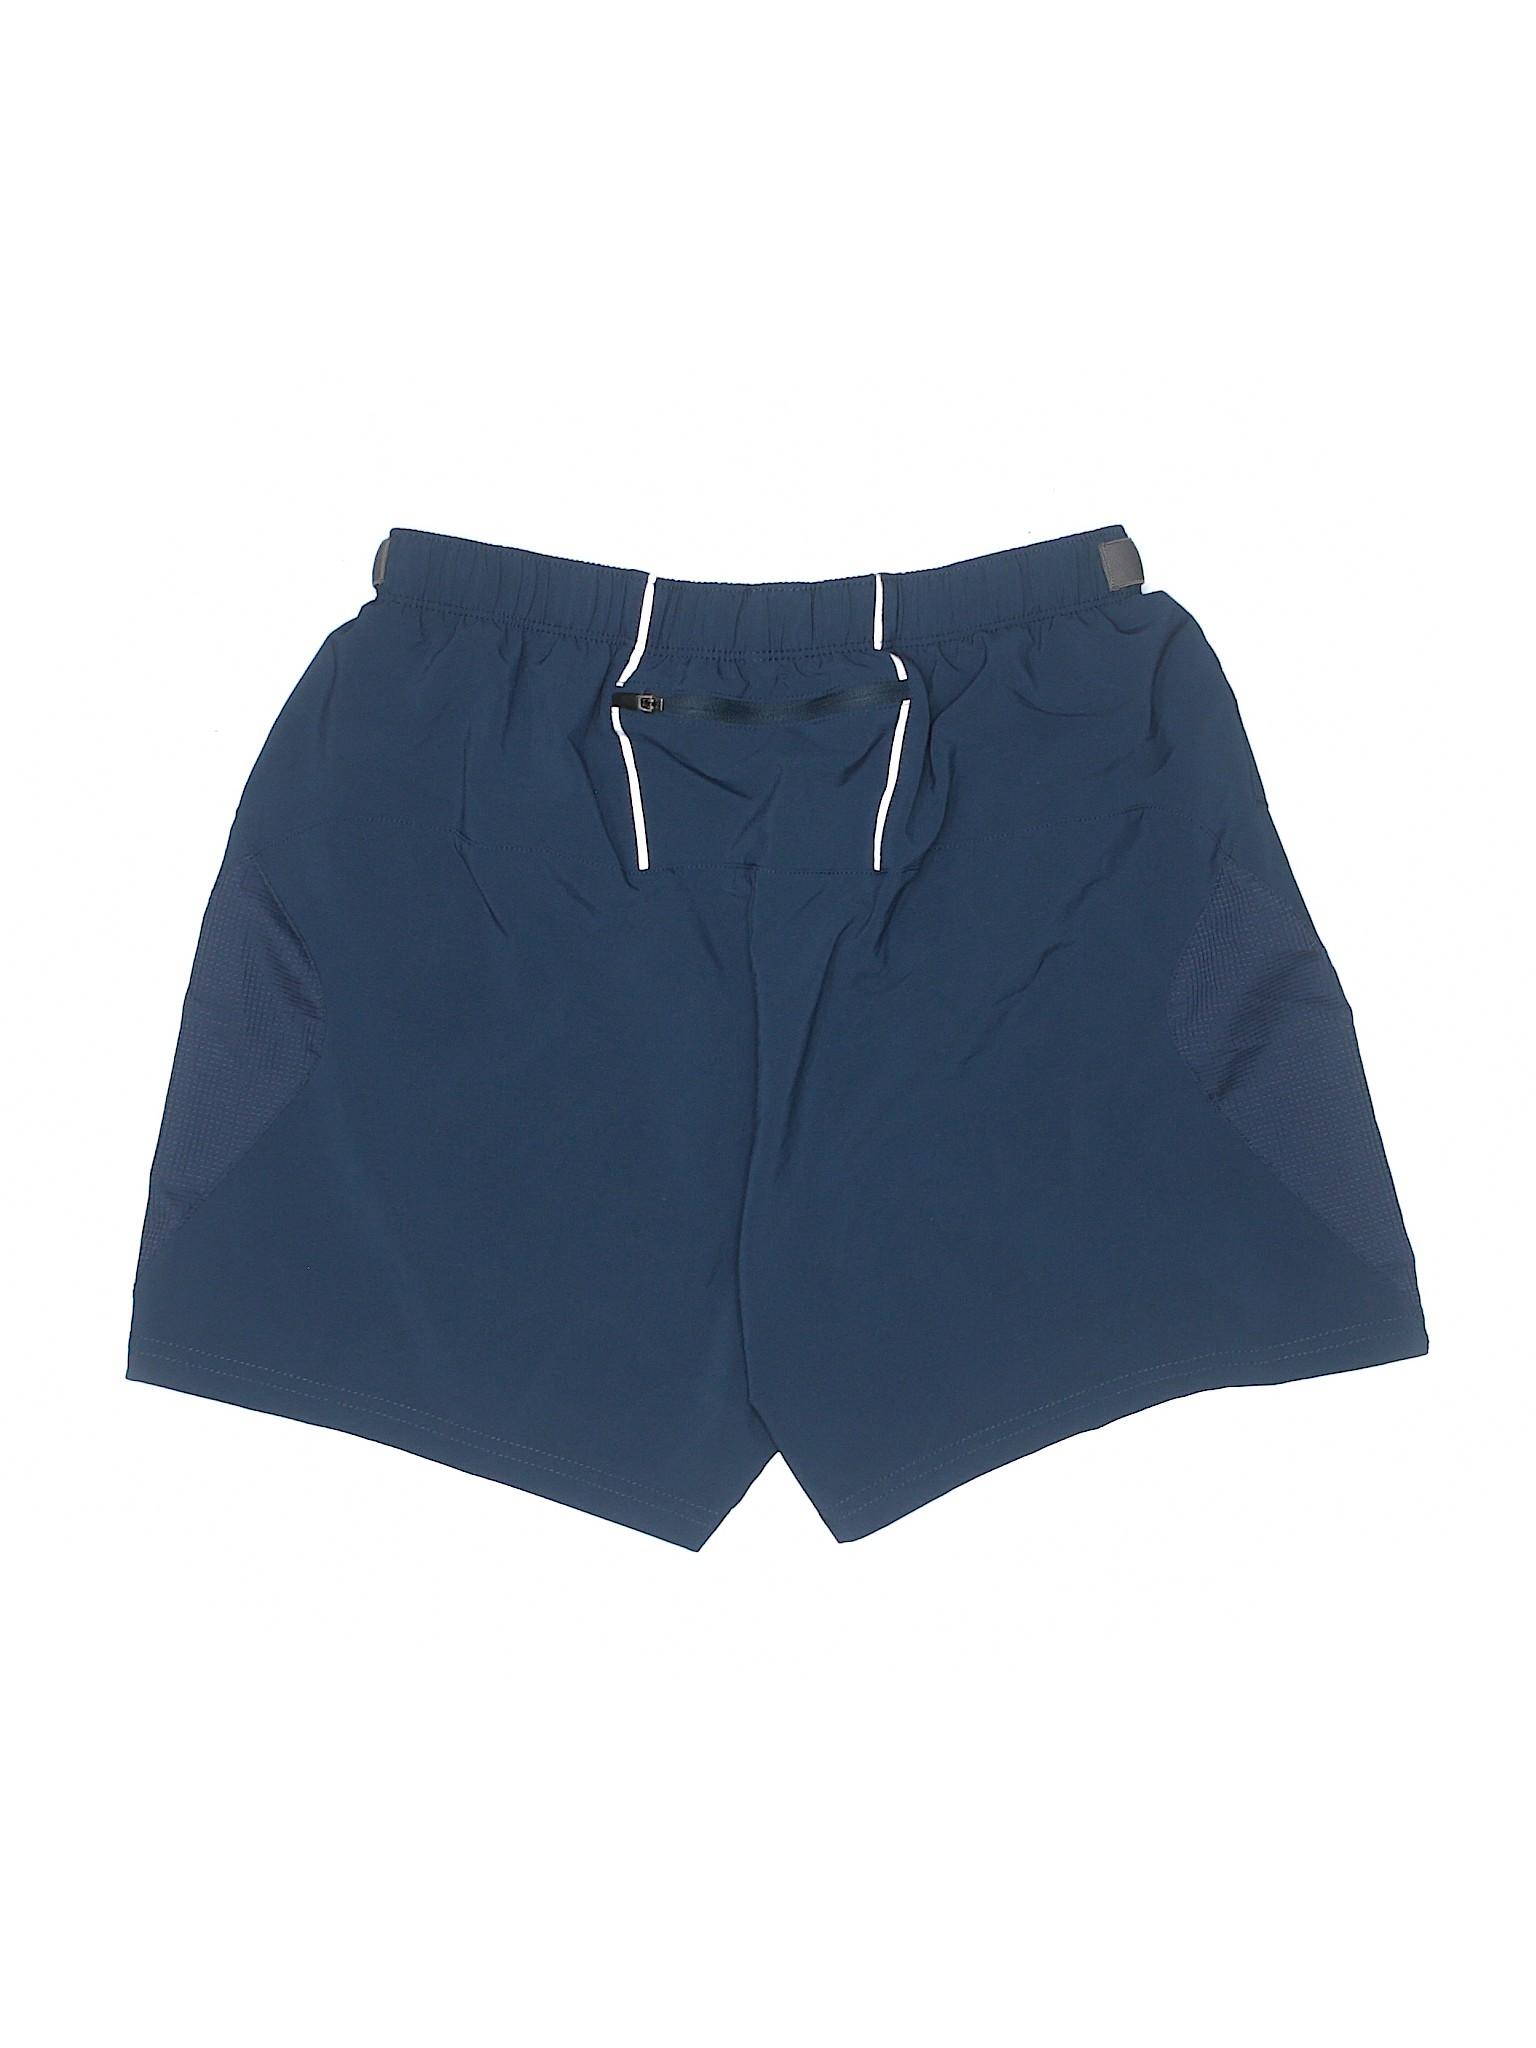 Asics leisure leisure Athletic Athletic Shorts Boutique Asics Asics Boutique Shorts Boutique Shorts Boutique Athletic leisure dAIxw4q4f